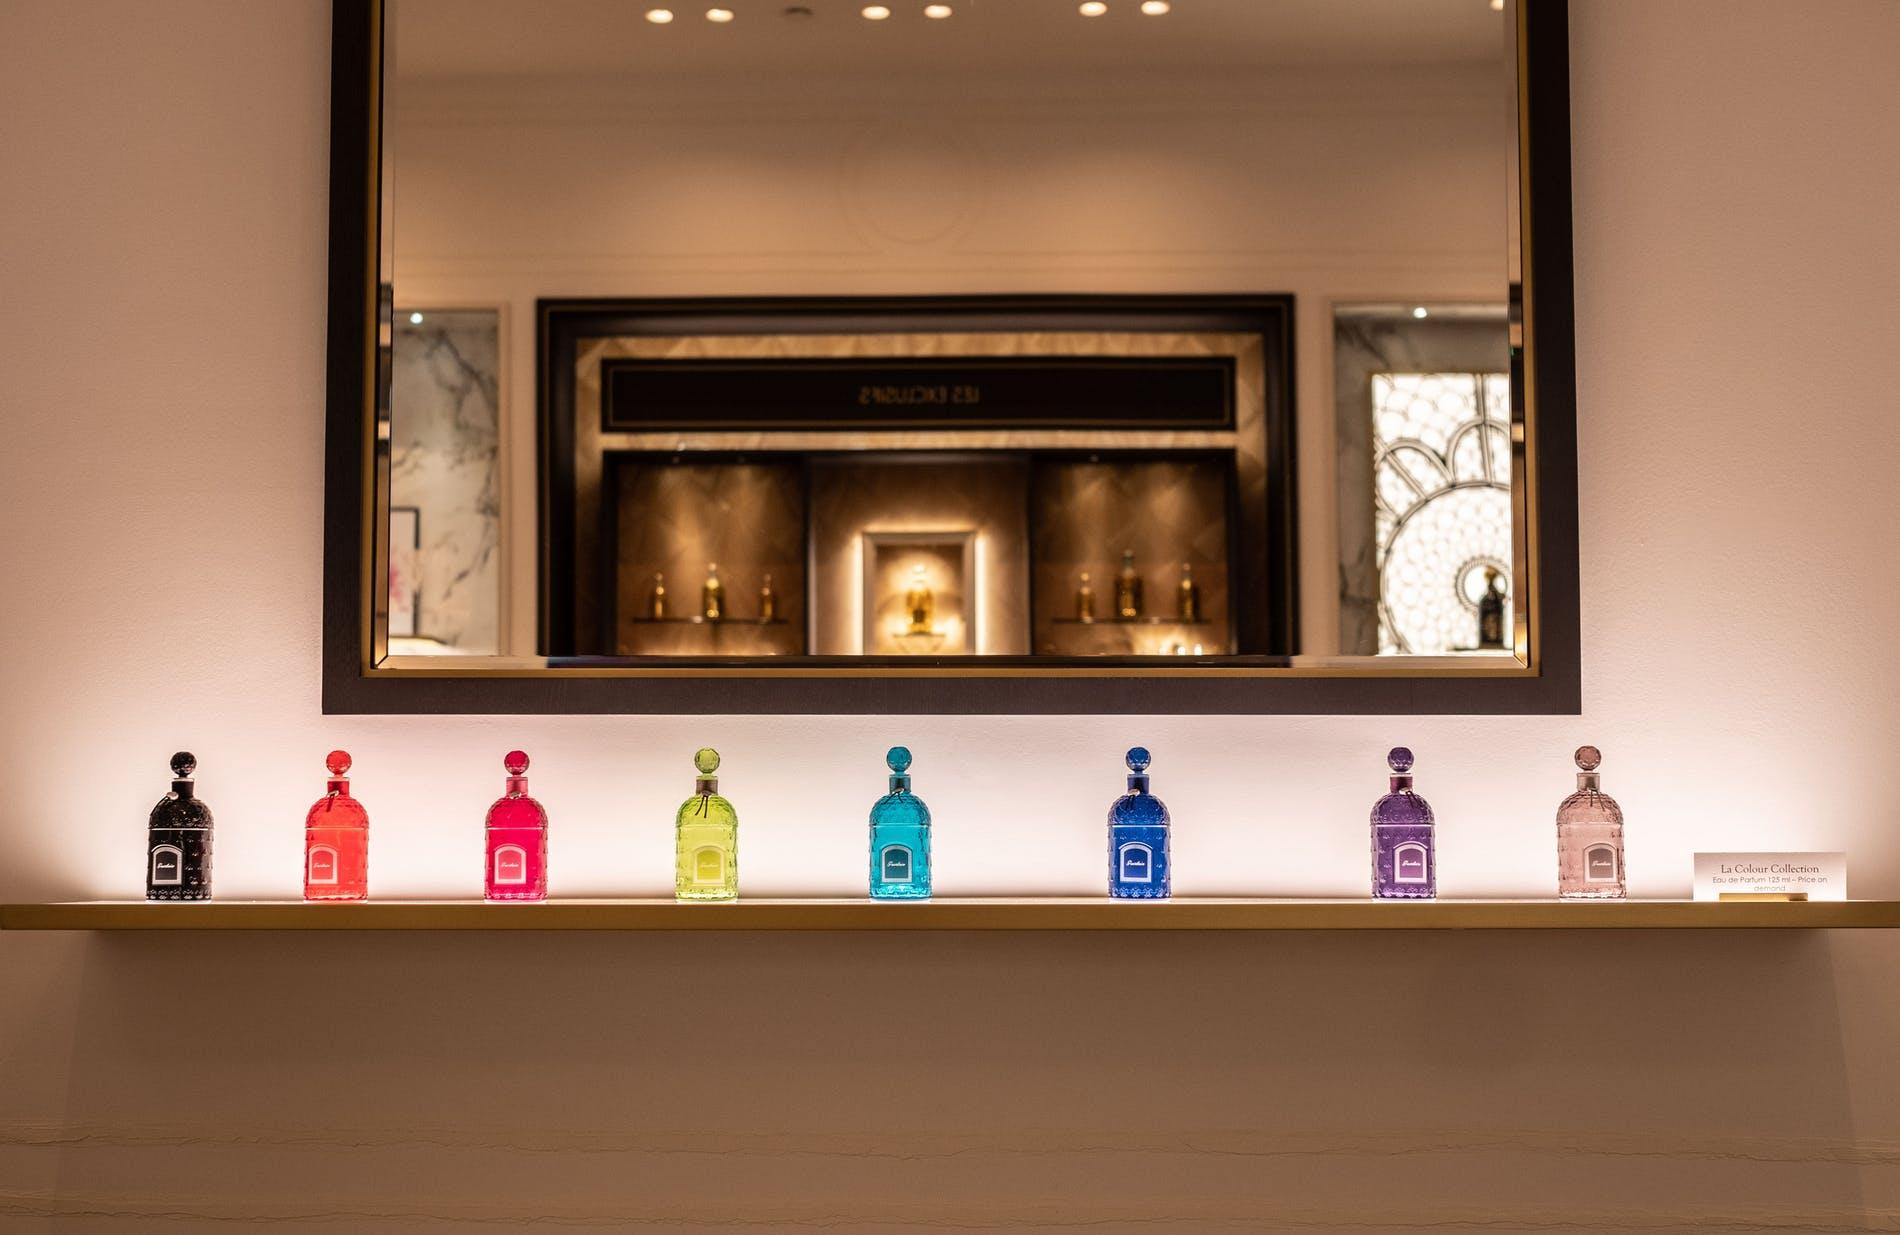 Guerlain-Boutique-Riyadh-06.jpg